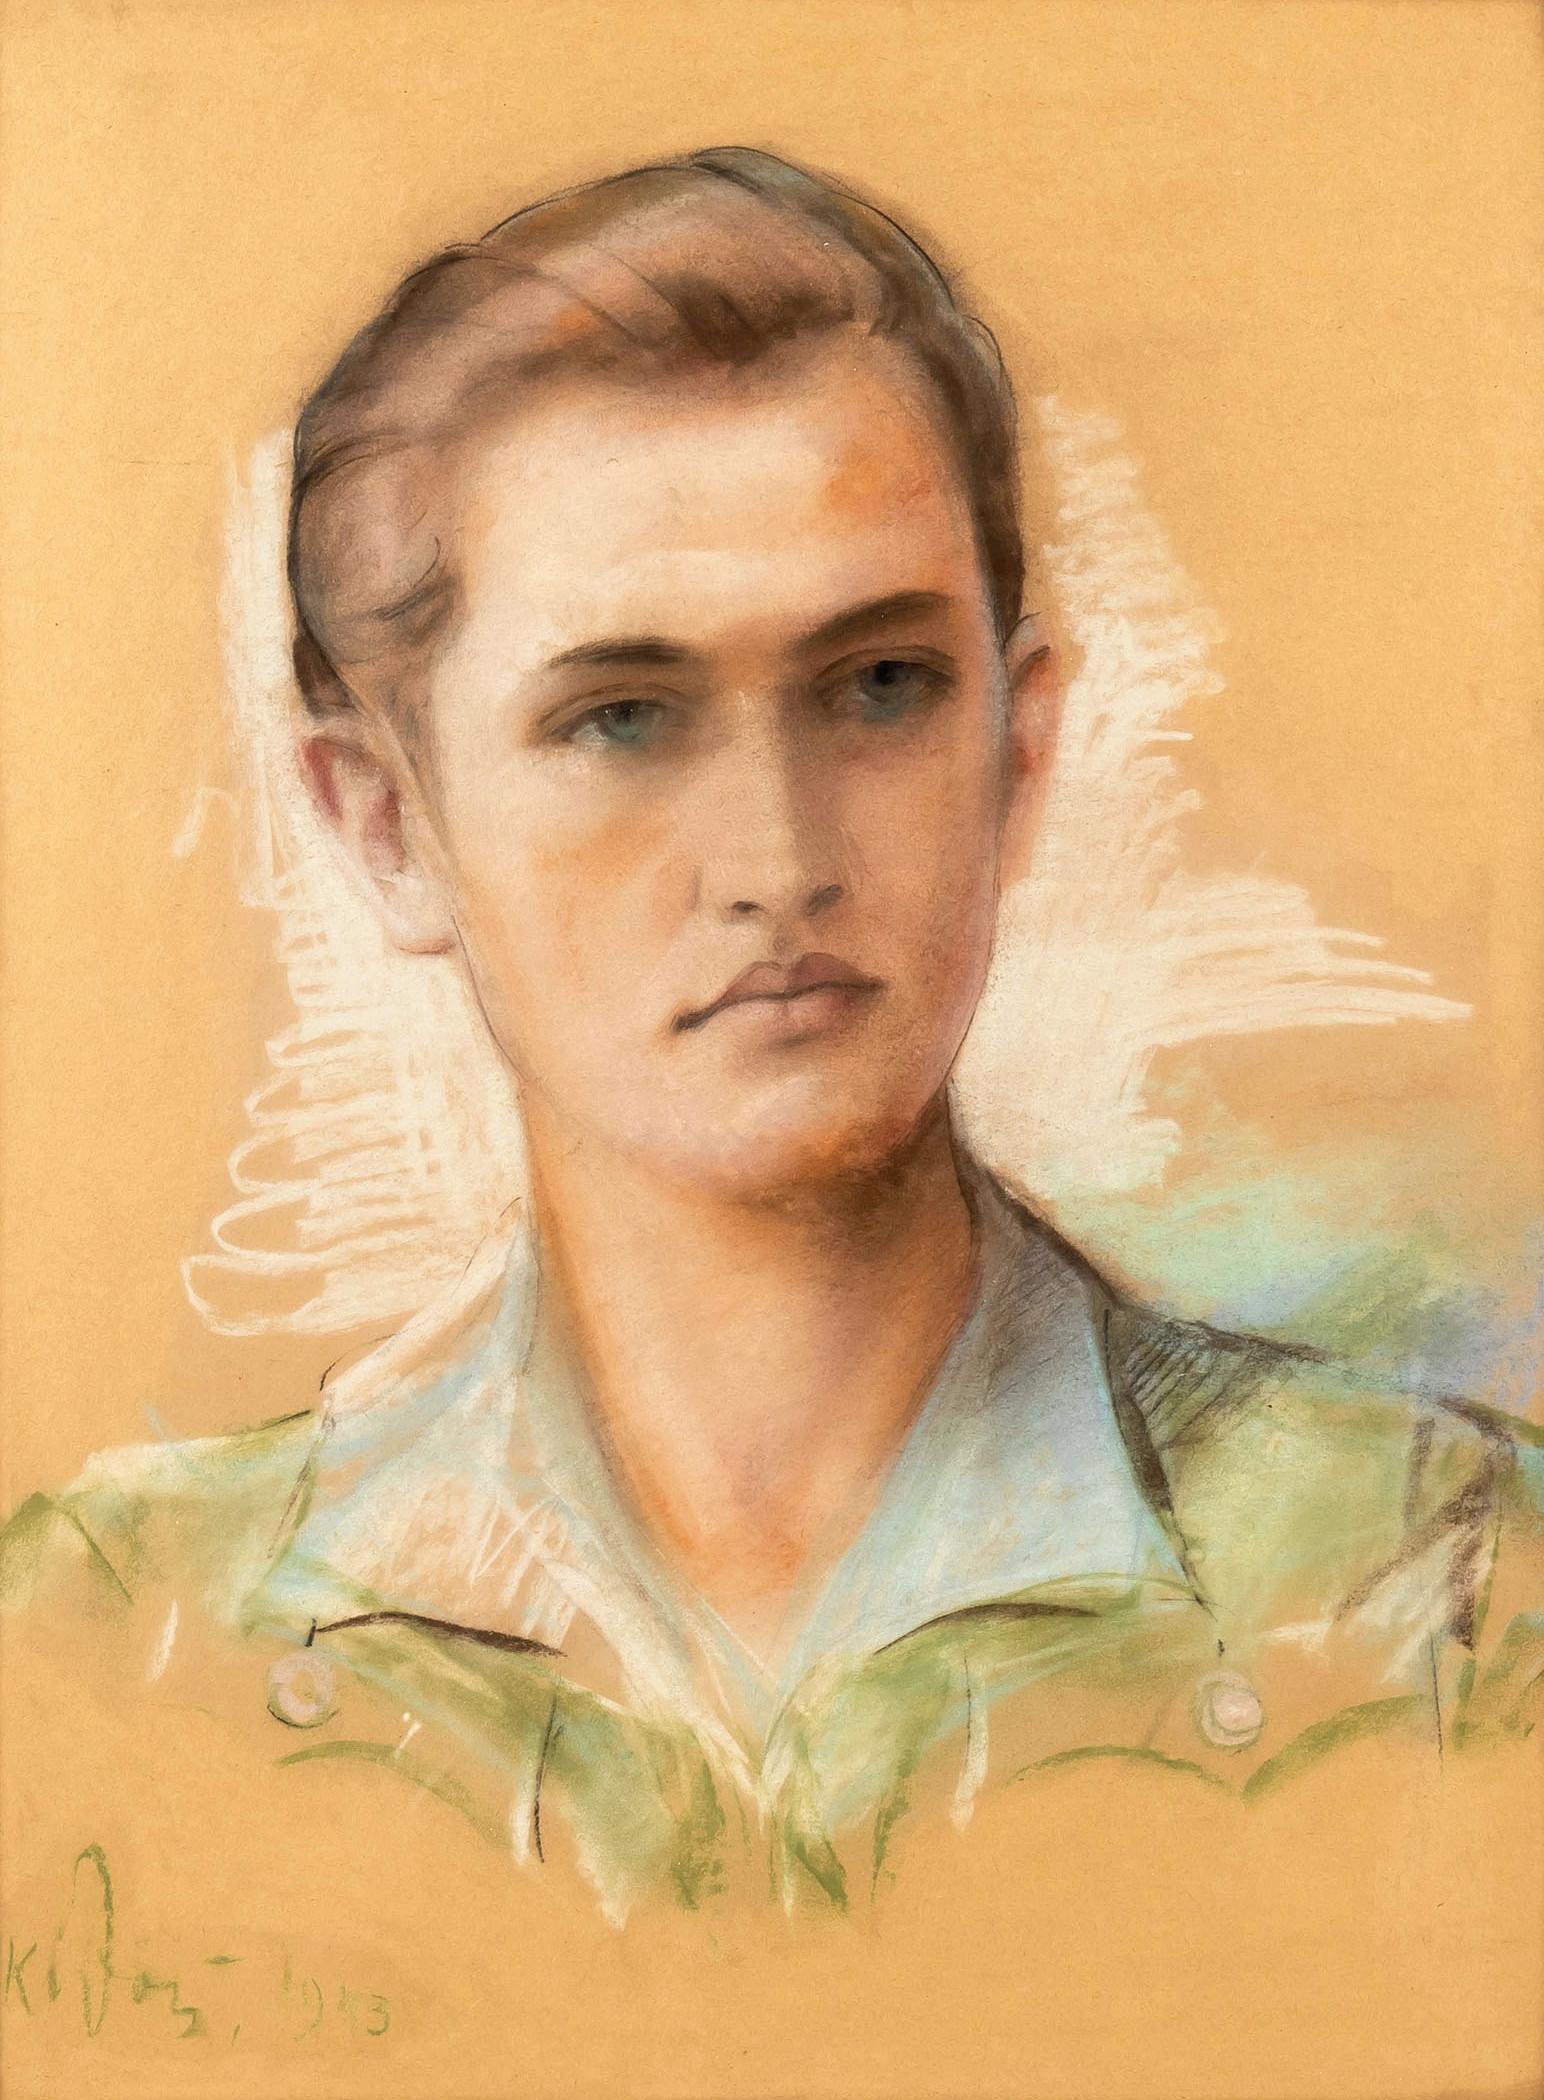 Portret młodzieńca, 1943